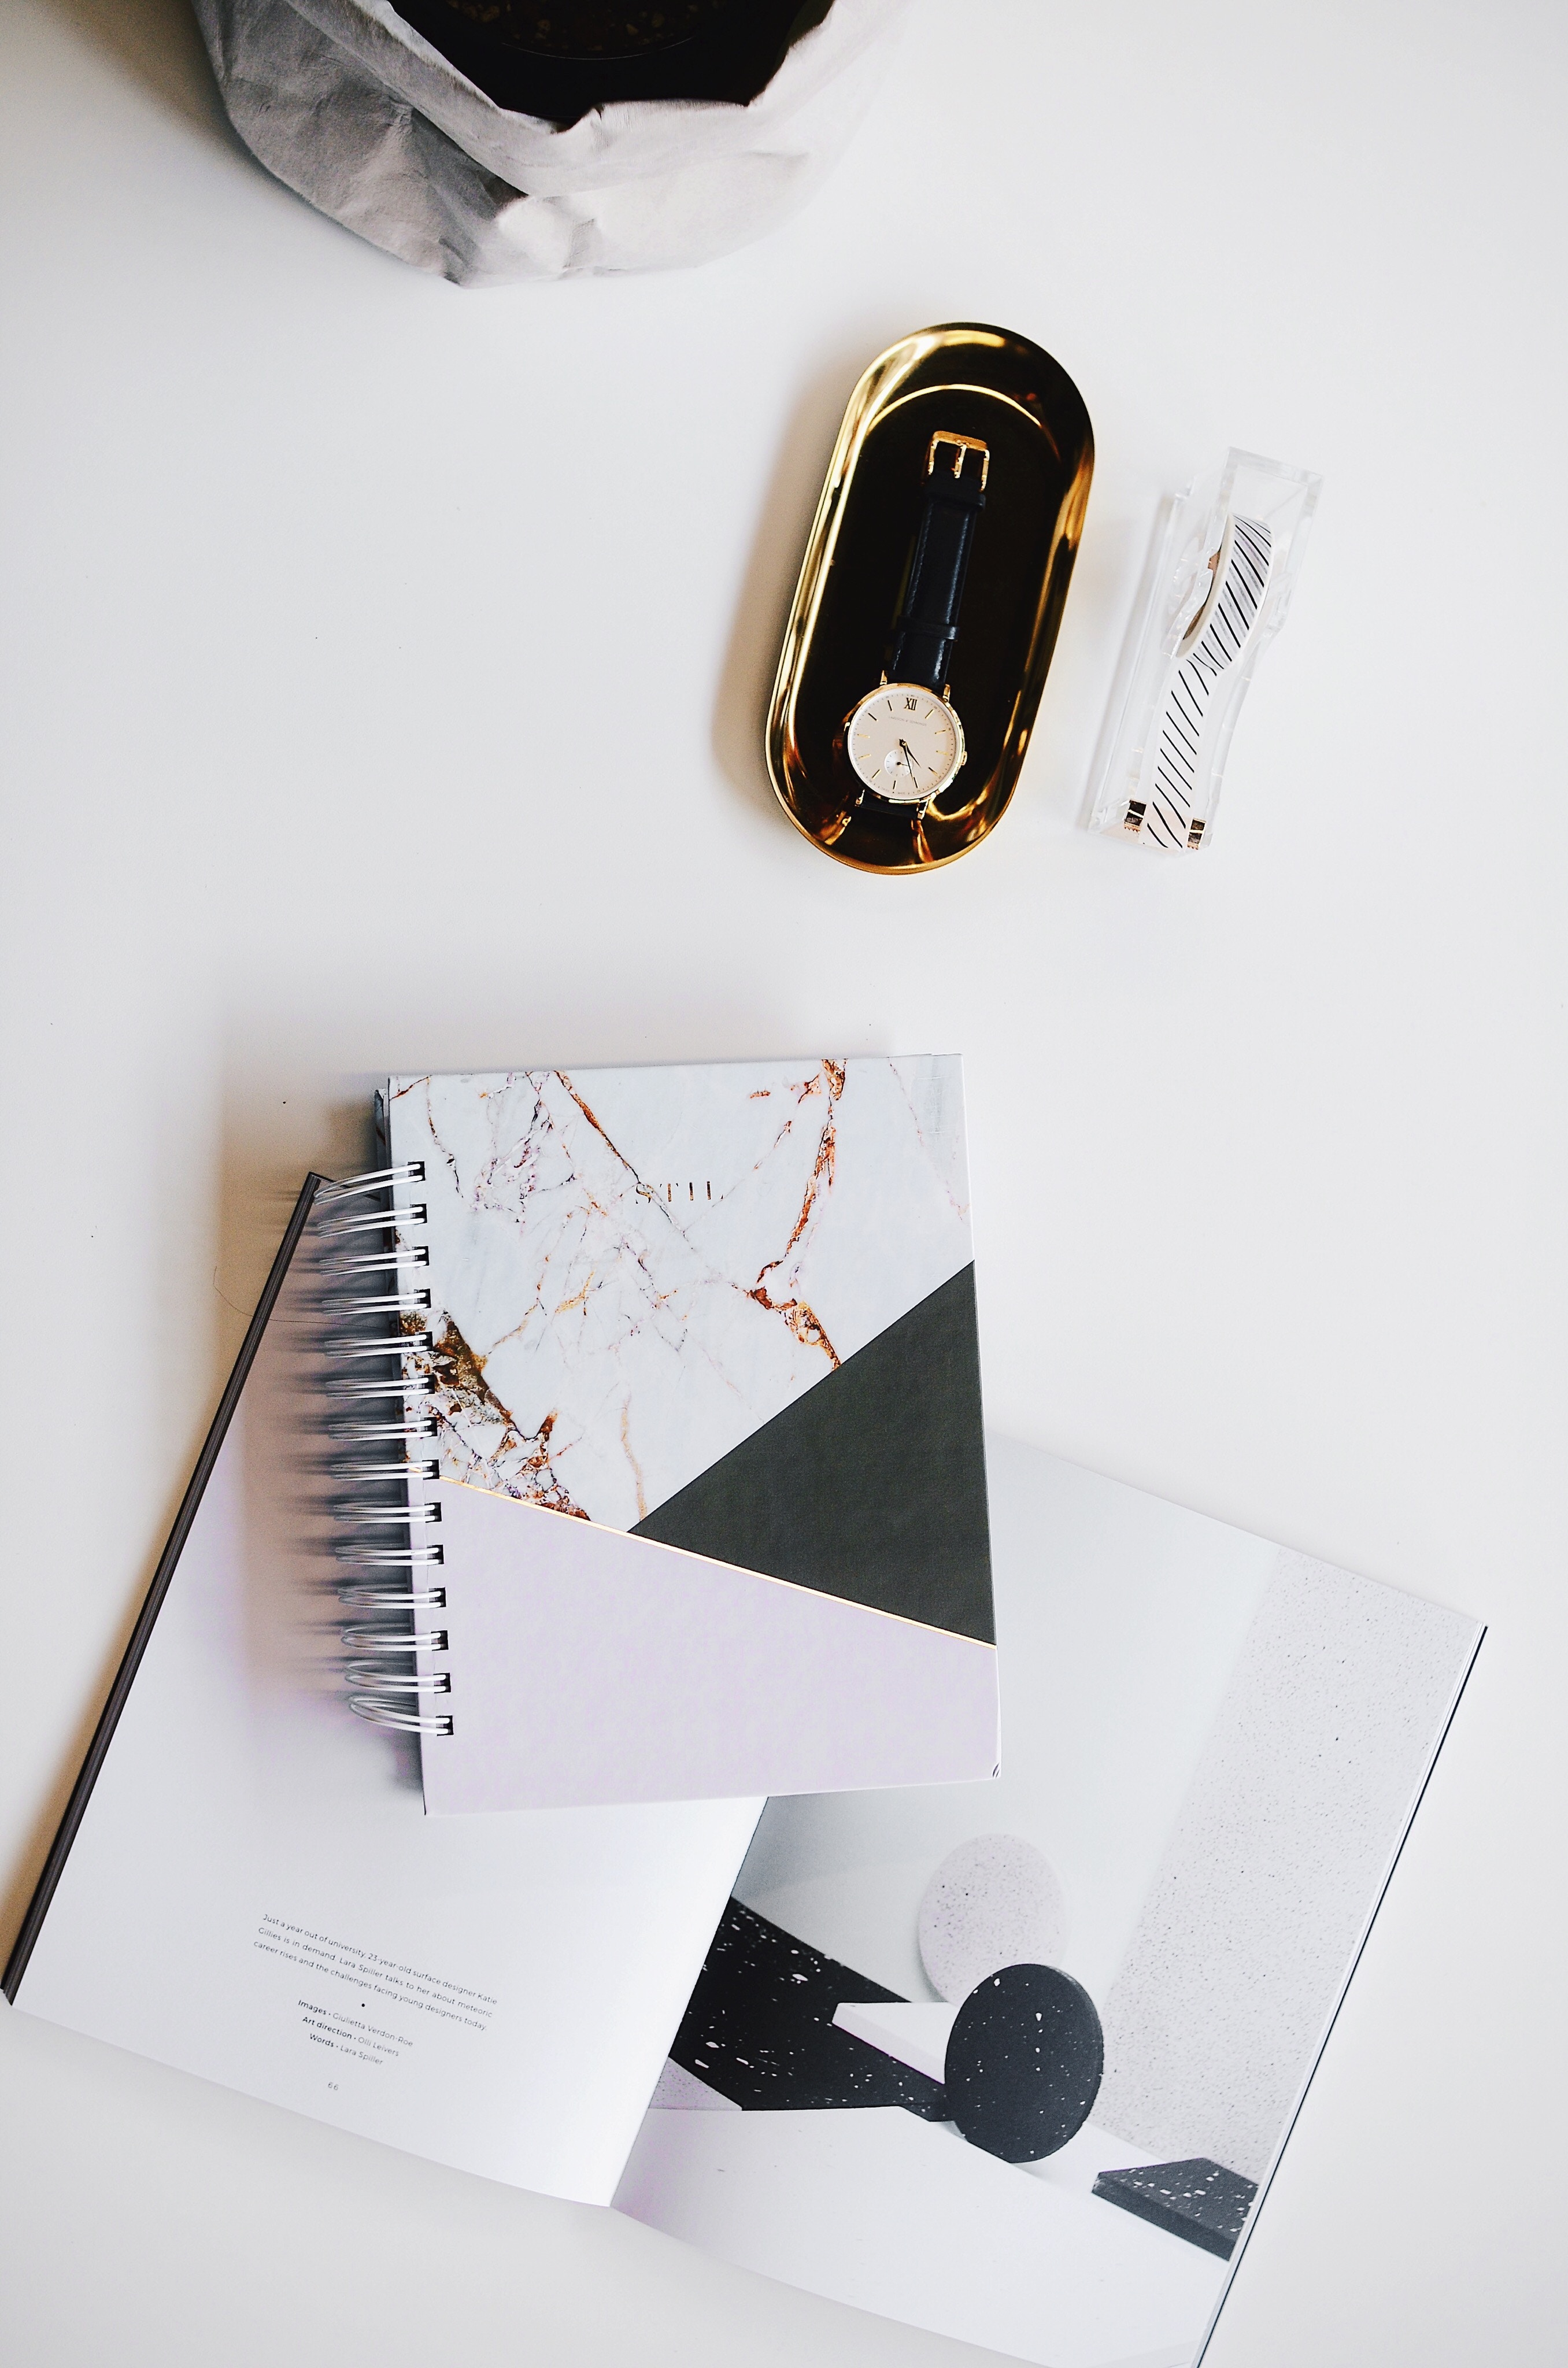 productivité, liste, travail